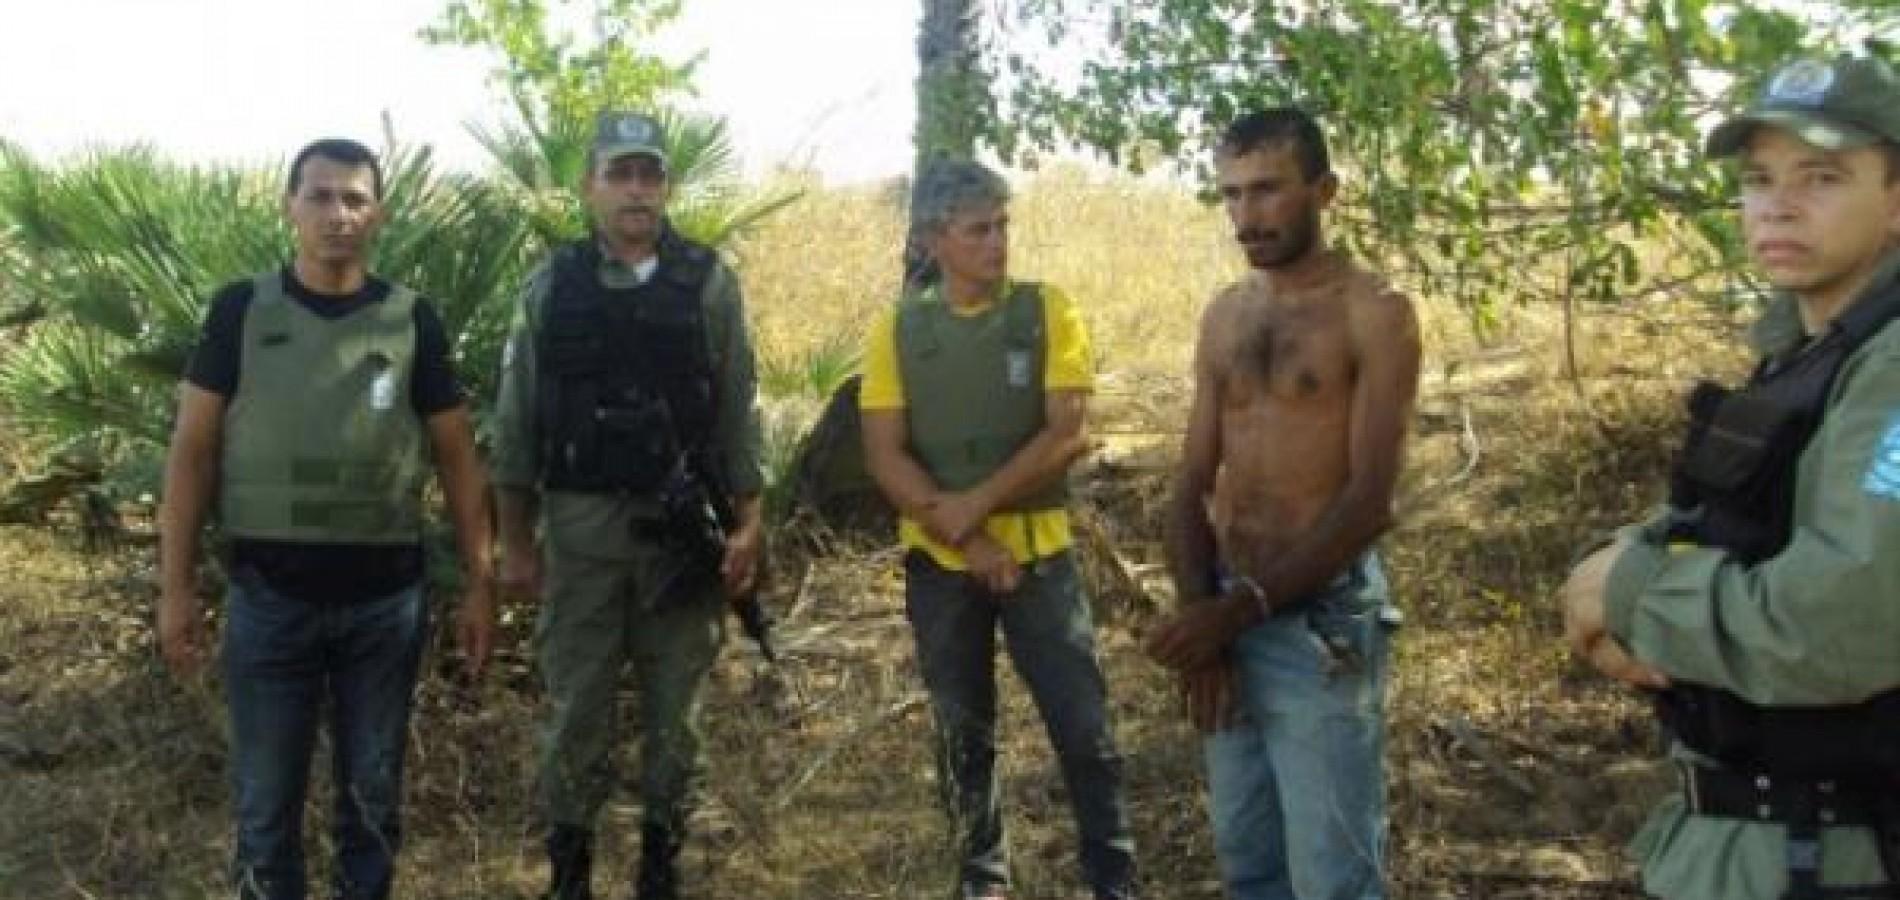 Polícia prende  acusado de matar pai e filho após sumiço de porcos